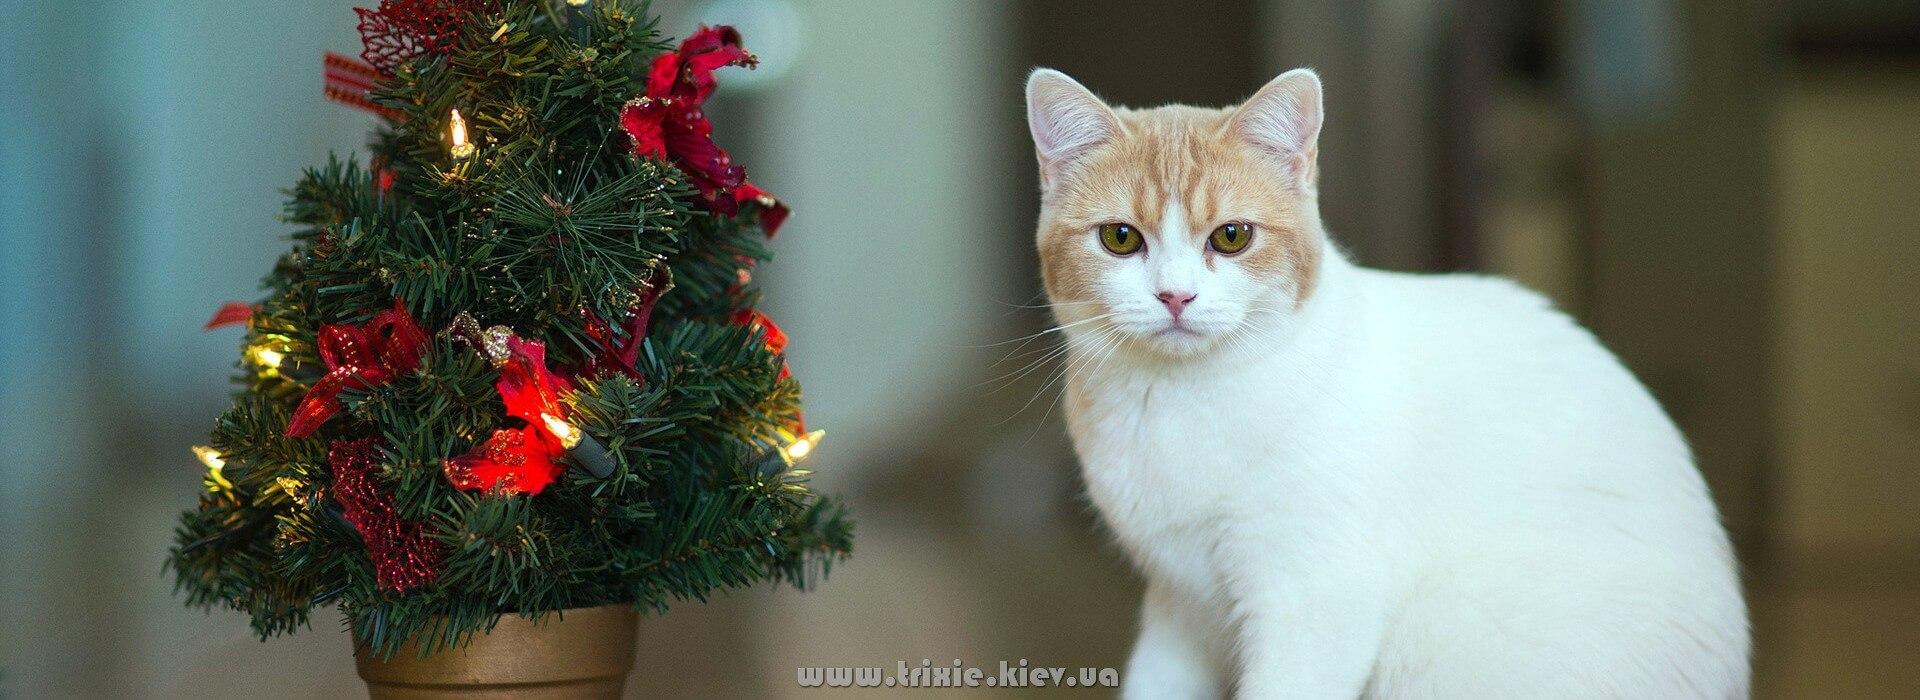 Лучший подарок для кошки на новый год - это игрушки от Trixie